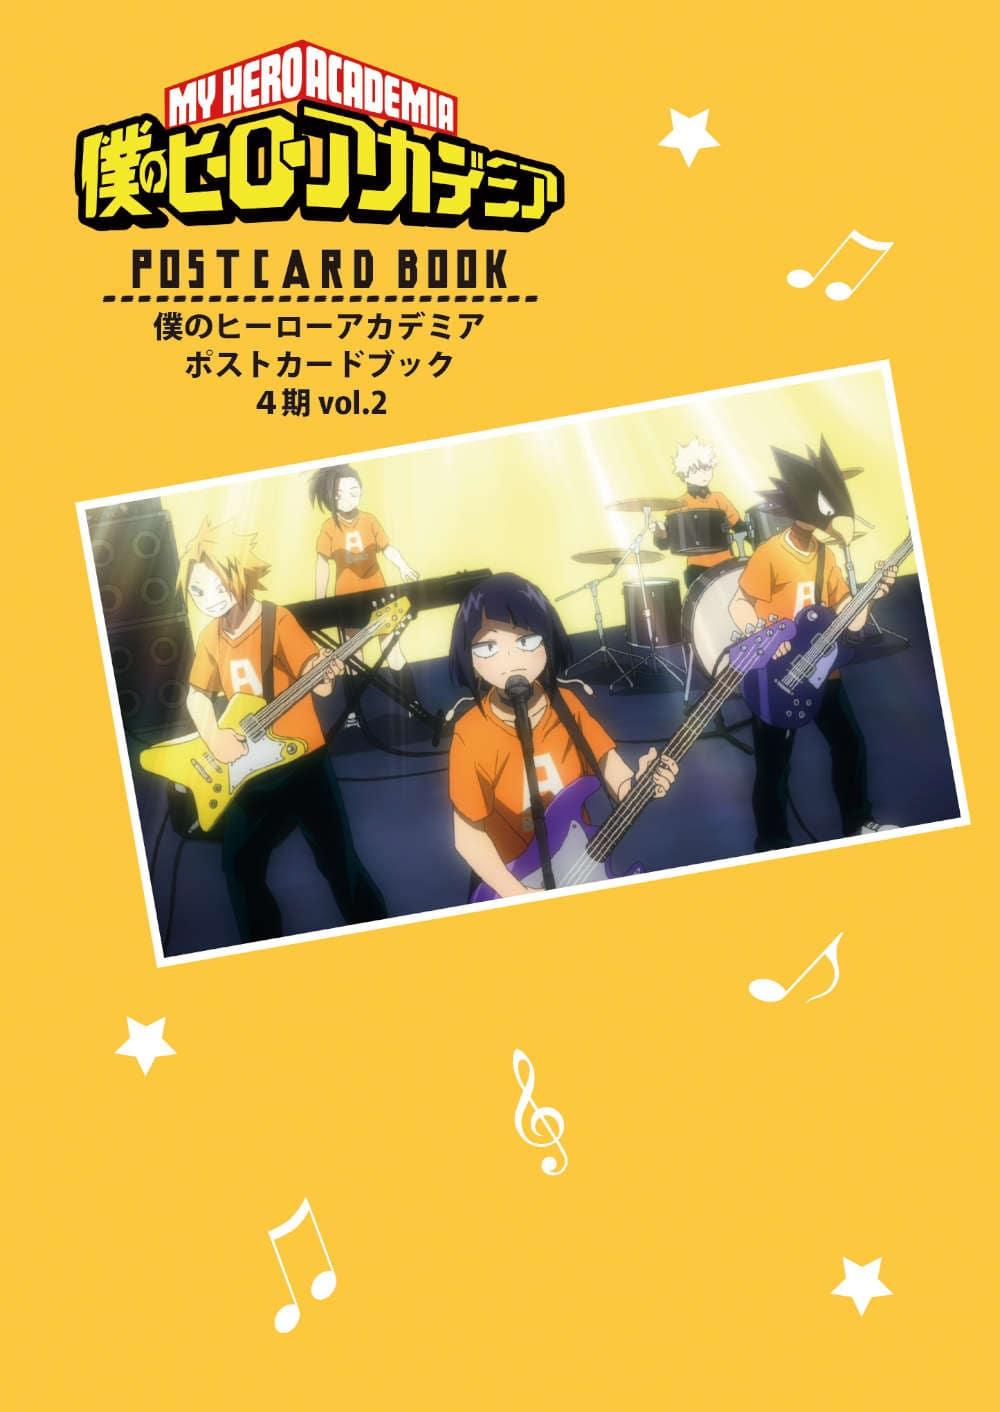 僕のヒーローアカデミア ポストカードブック 4th Vol.2